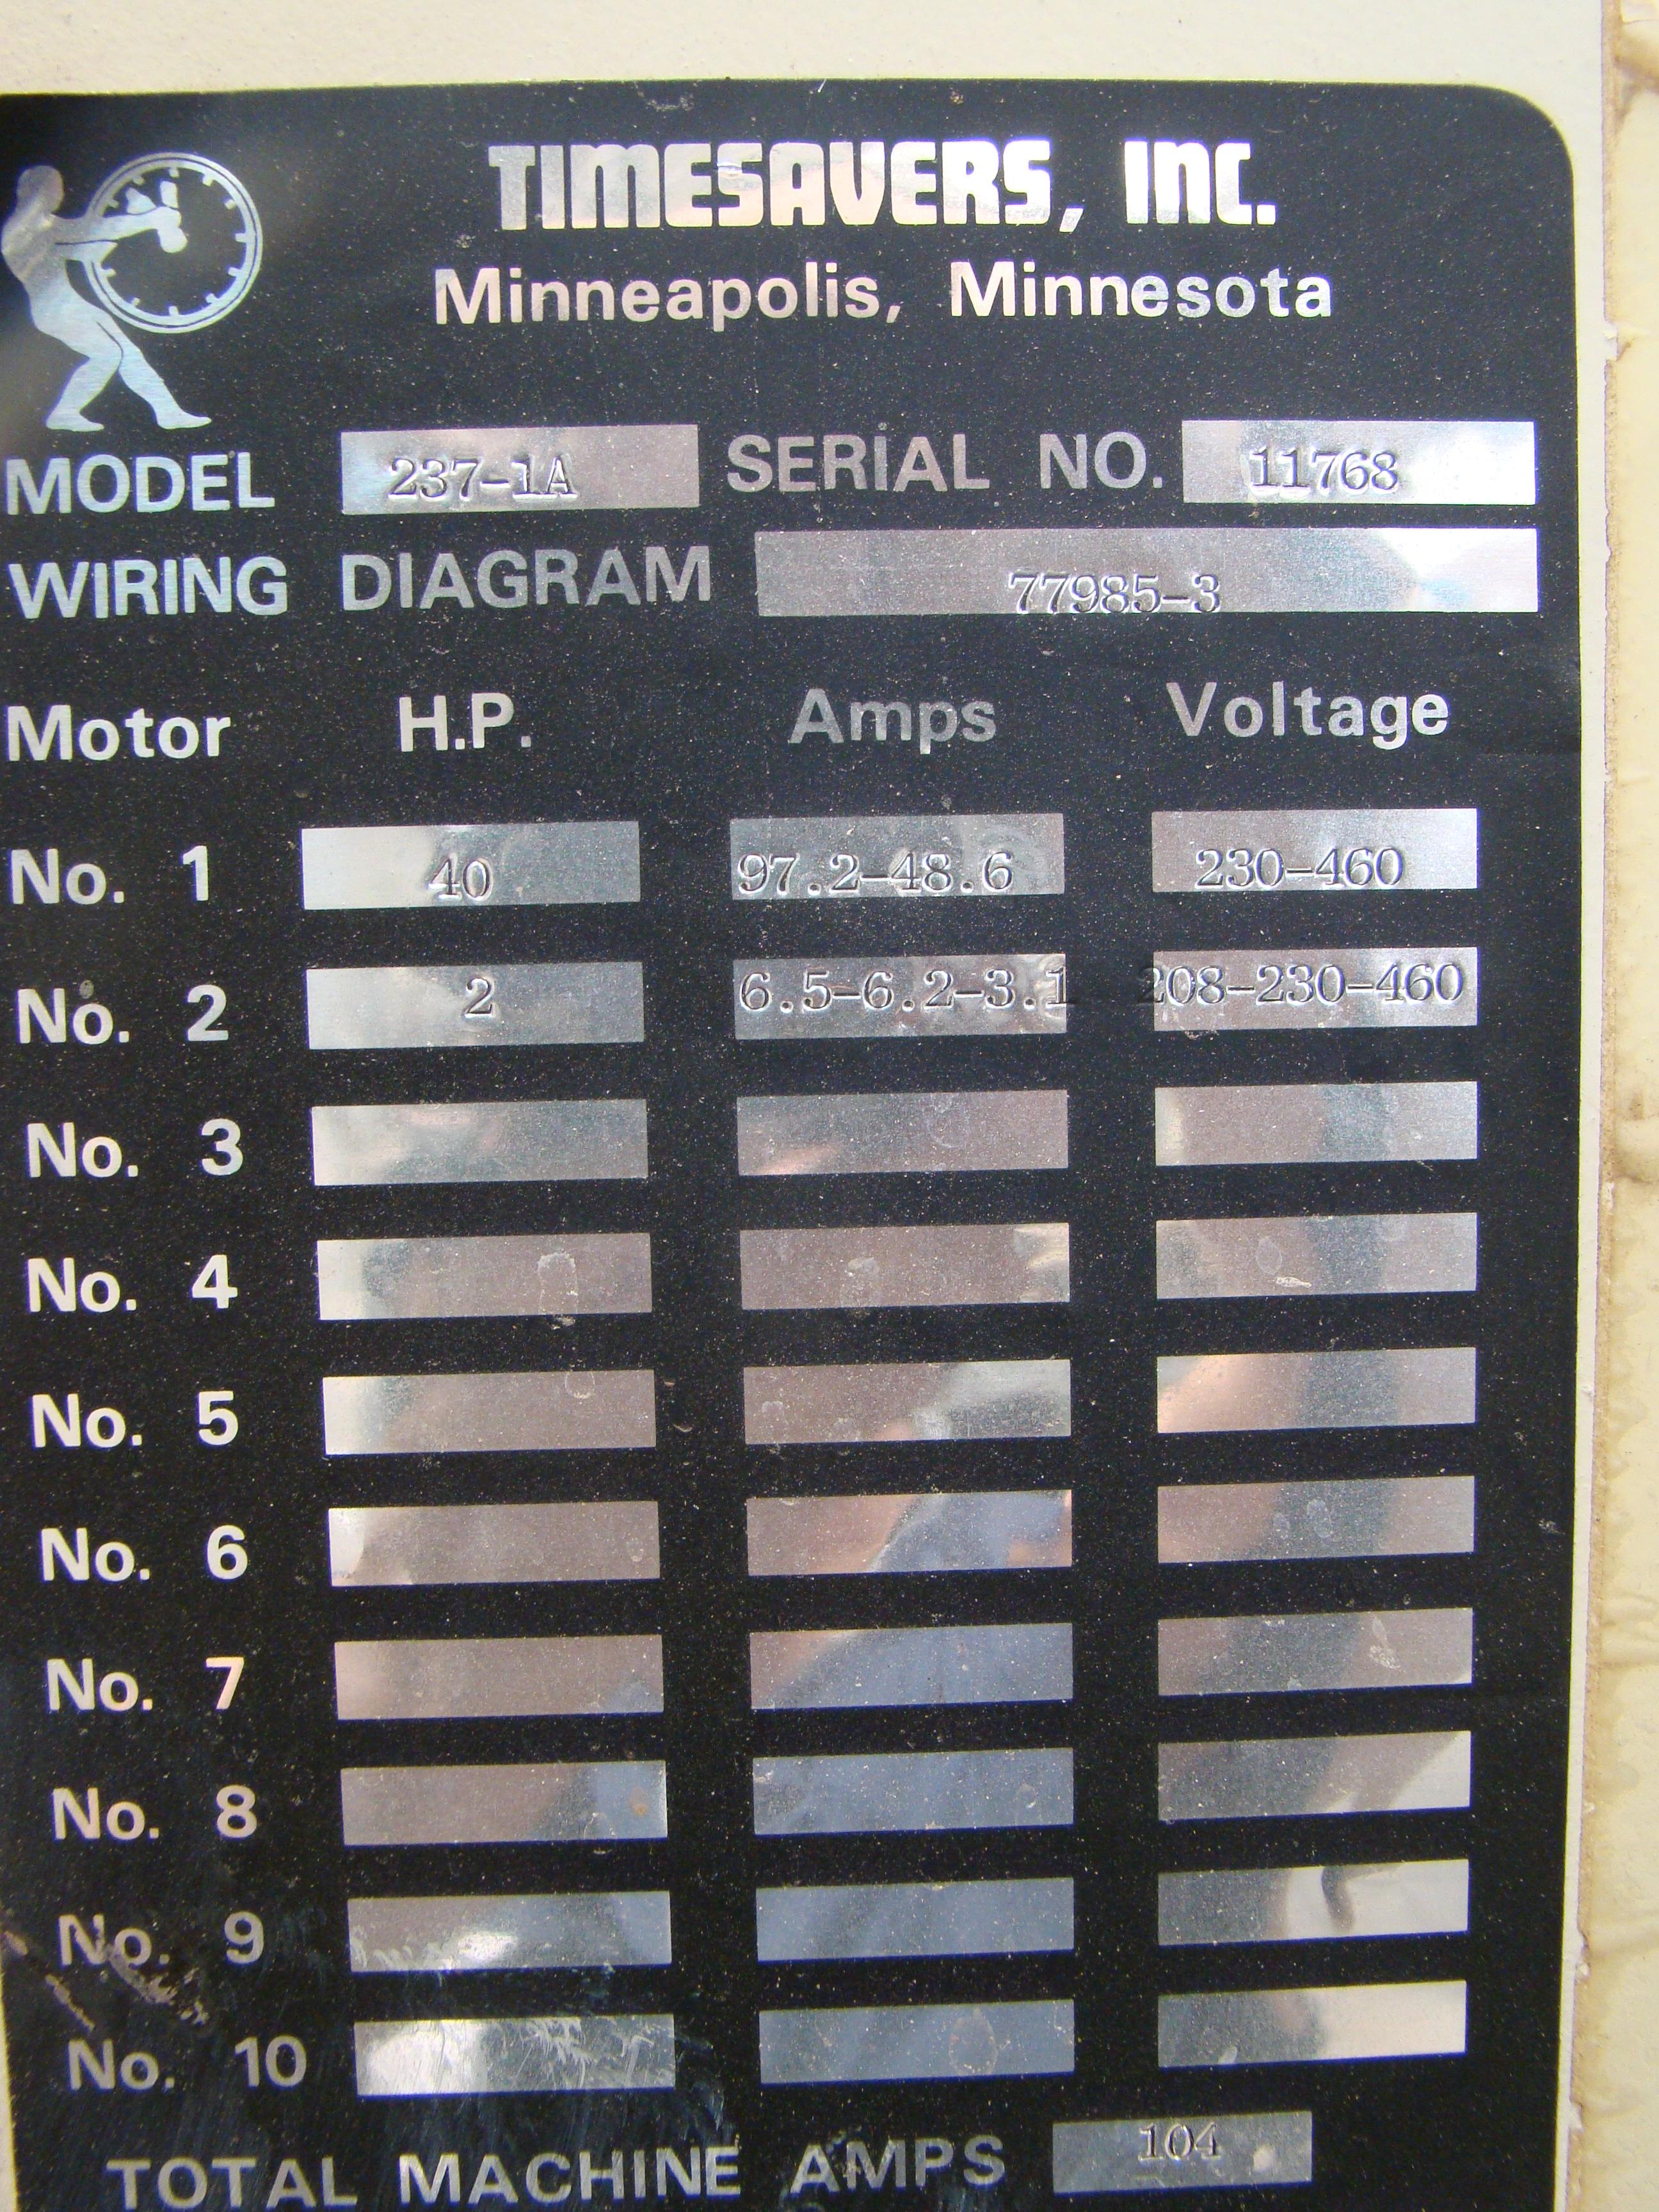 """Time Saver Speedbelt 37"""" Sander Model 237-1A 40 HP 230/460 Volt 3PH - Image 12 of 12"""